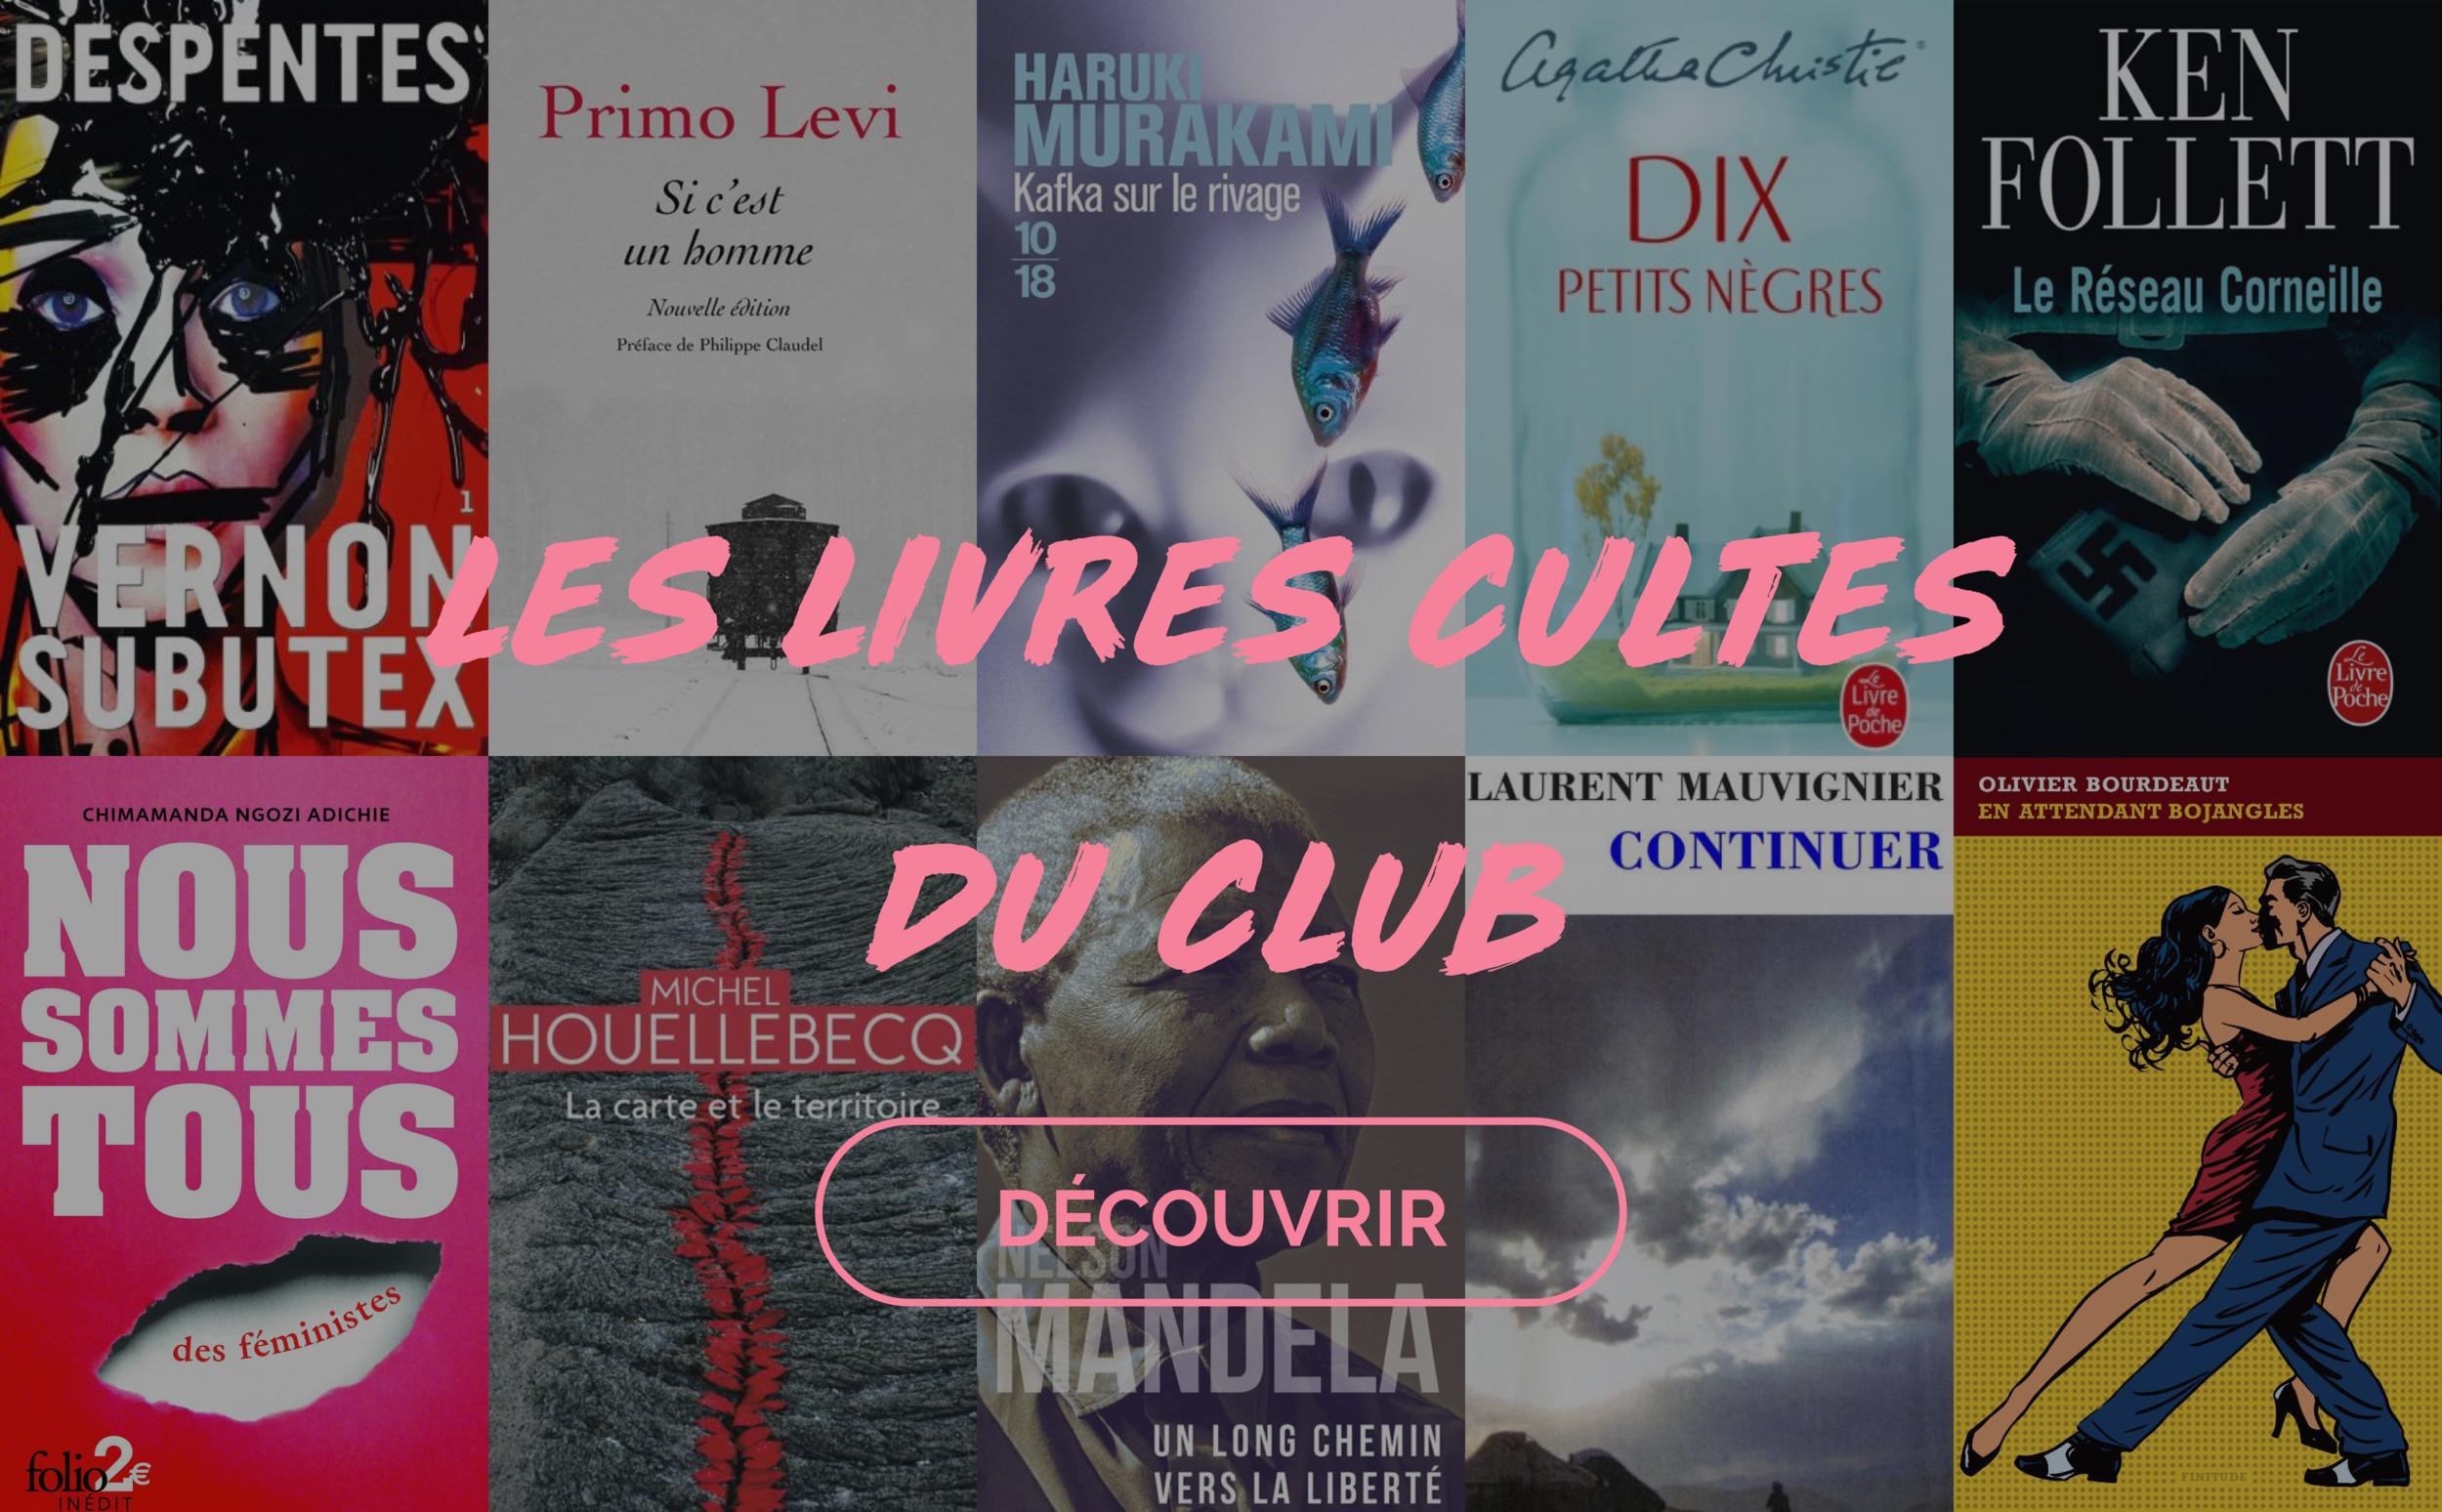 liste-livres-cultes-culturclub.png